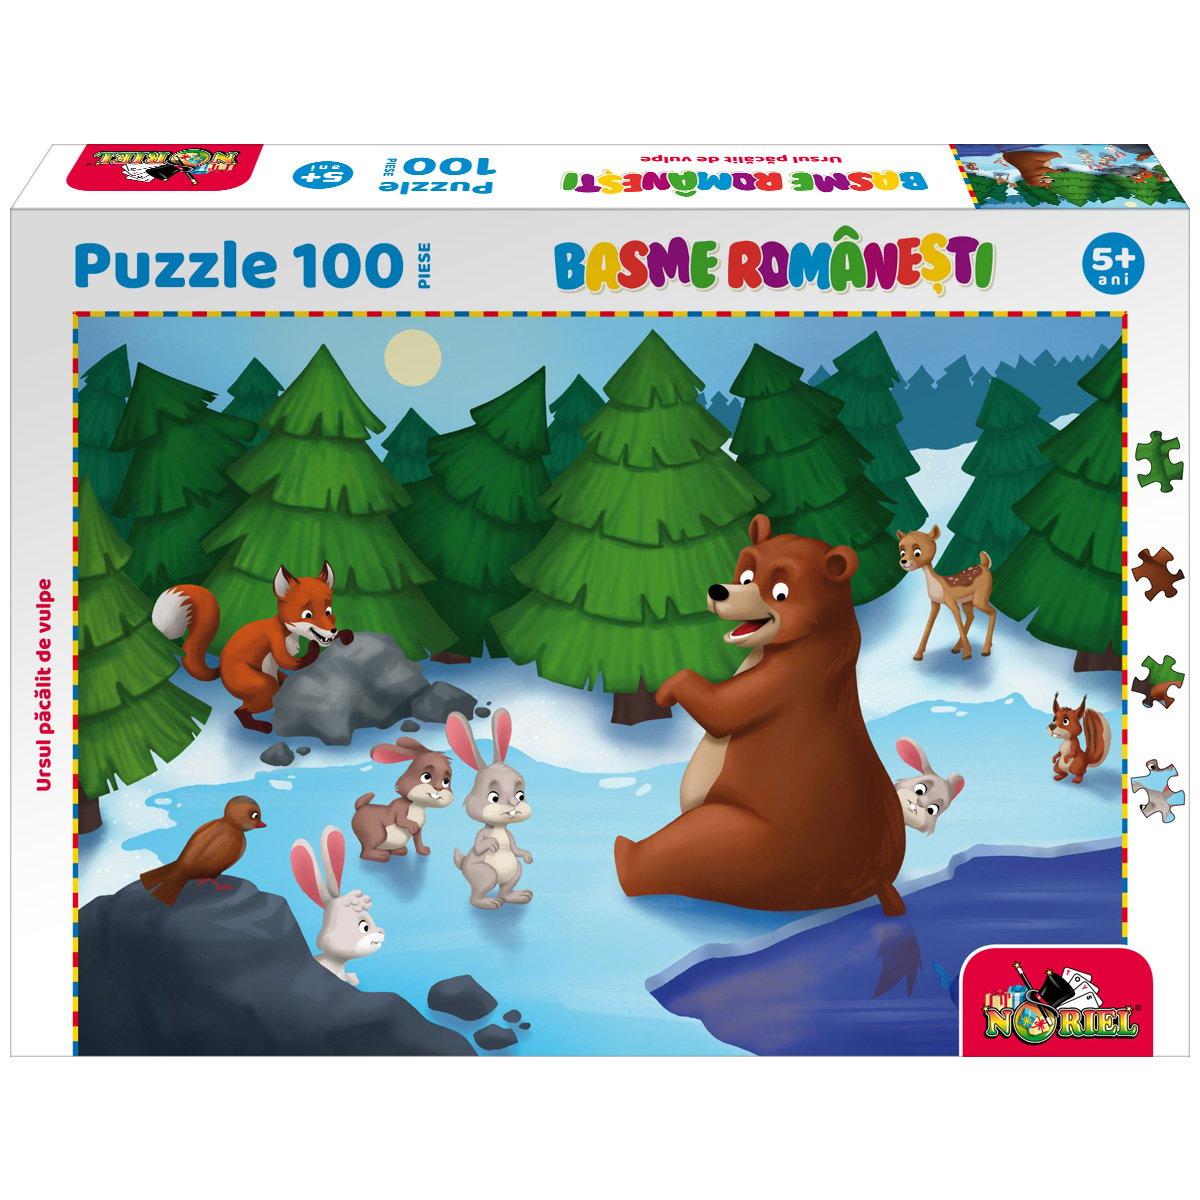 Puzzle 100 piese, Noriel Basme Romanesti, Ursul pacalit de vulpe